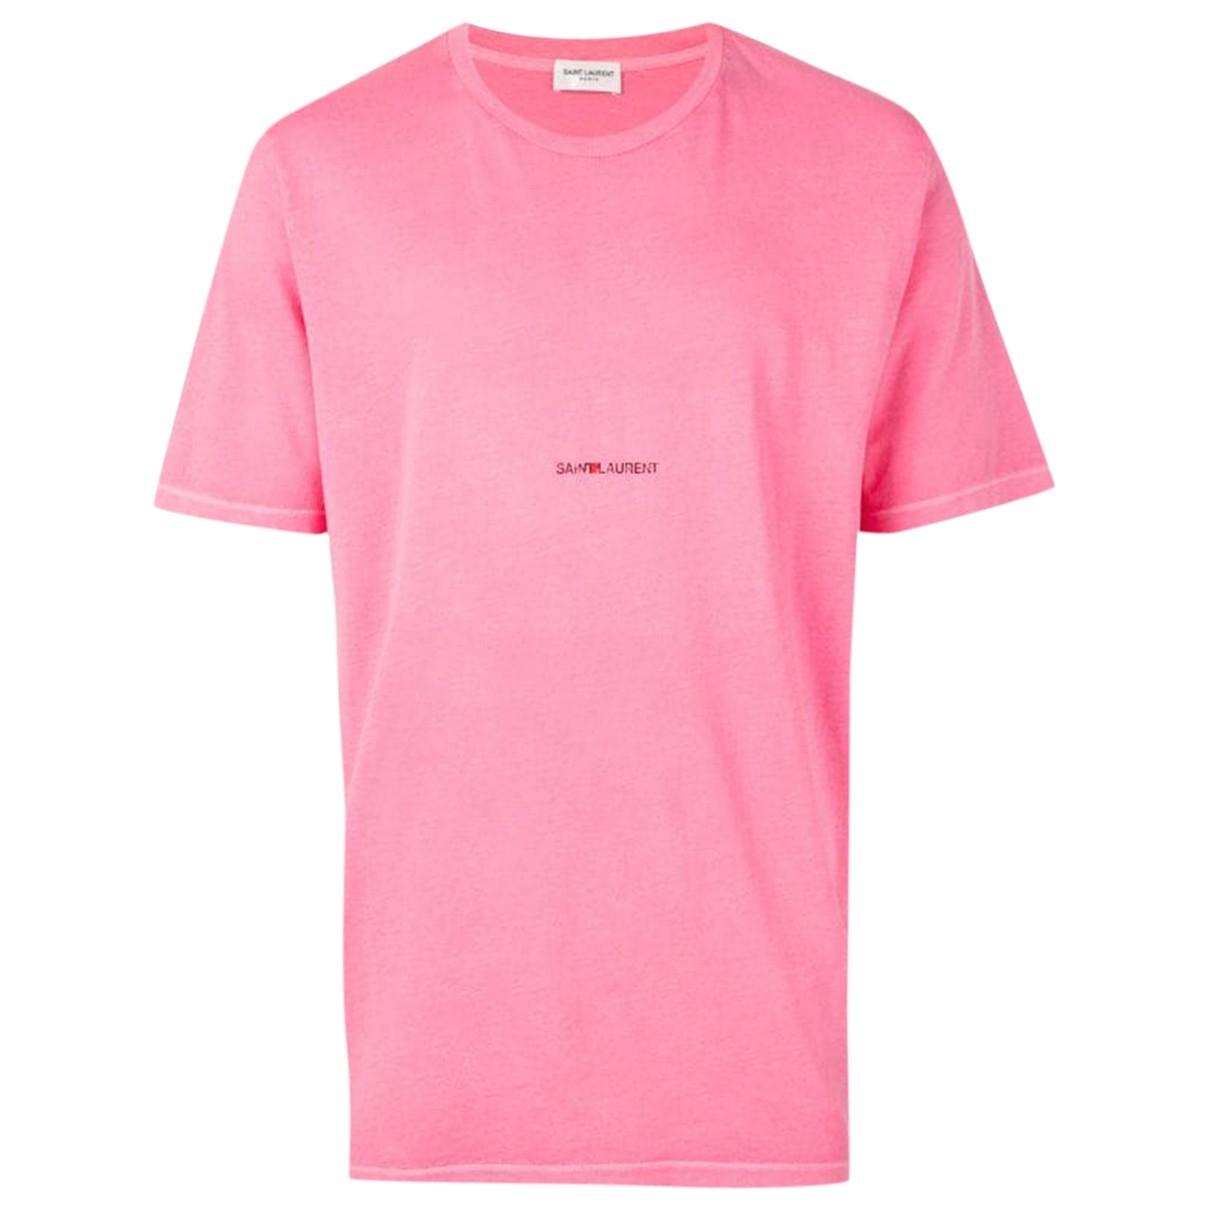 Saint Laurent - Top   pour femme en coton - rose